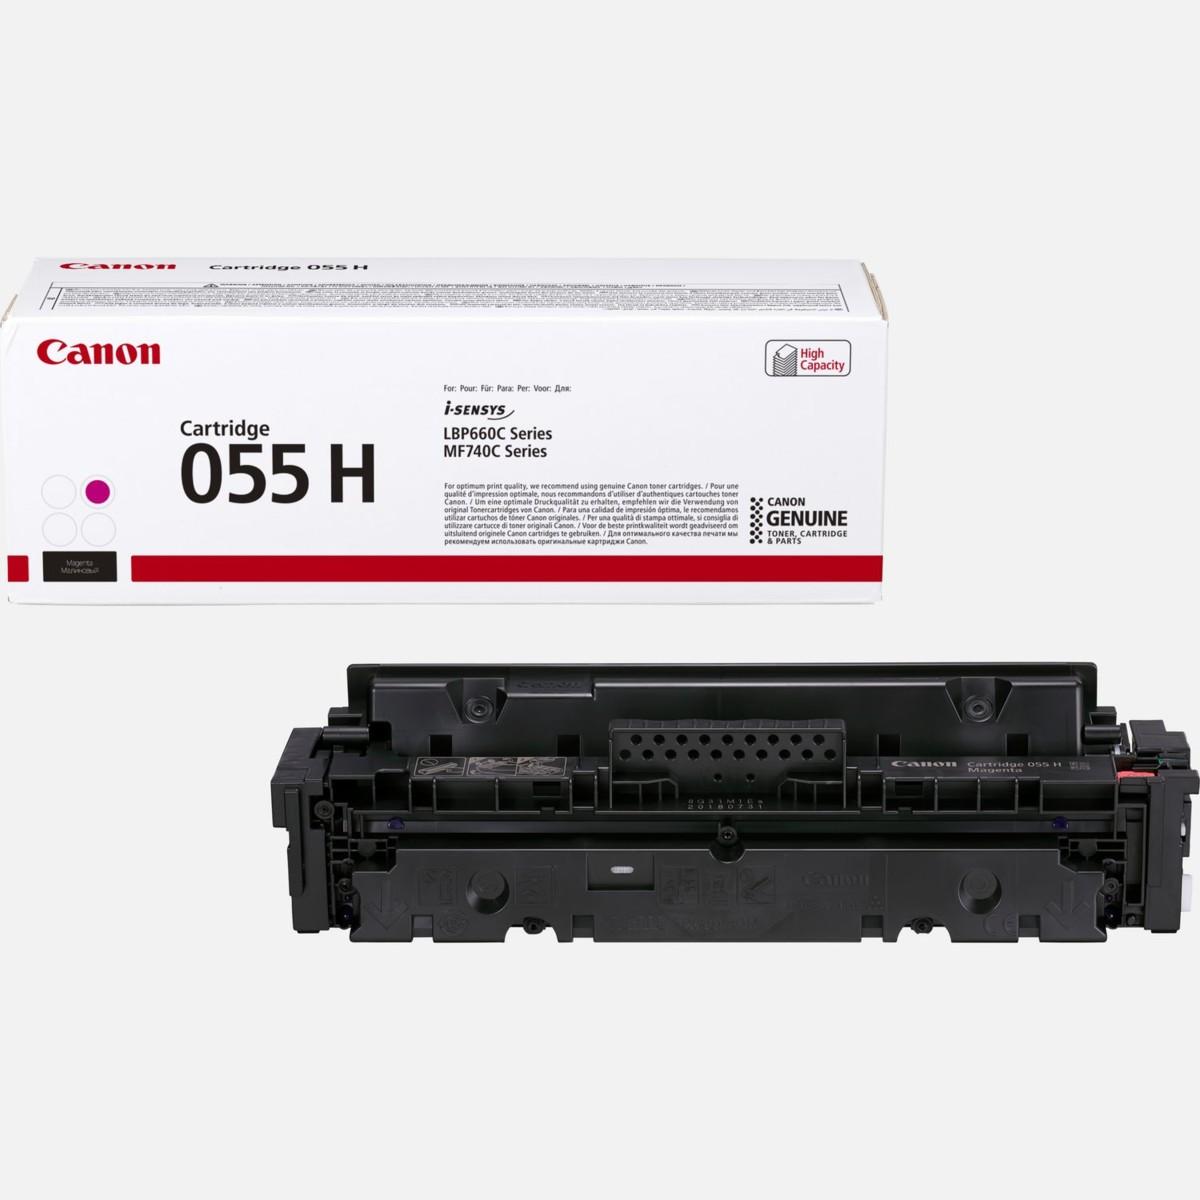 Toner Canon 055H, CRG-055H, 3018C002 - originálny (Purpurový)